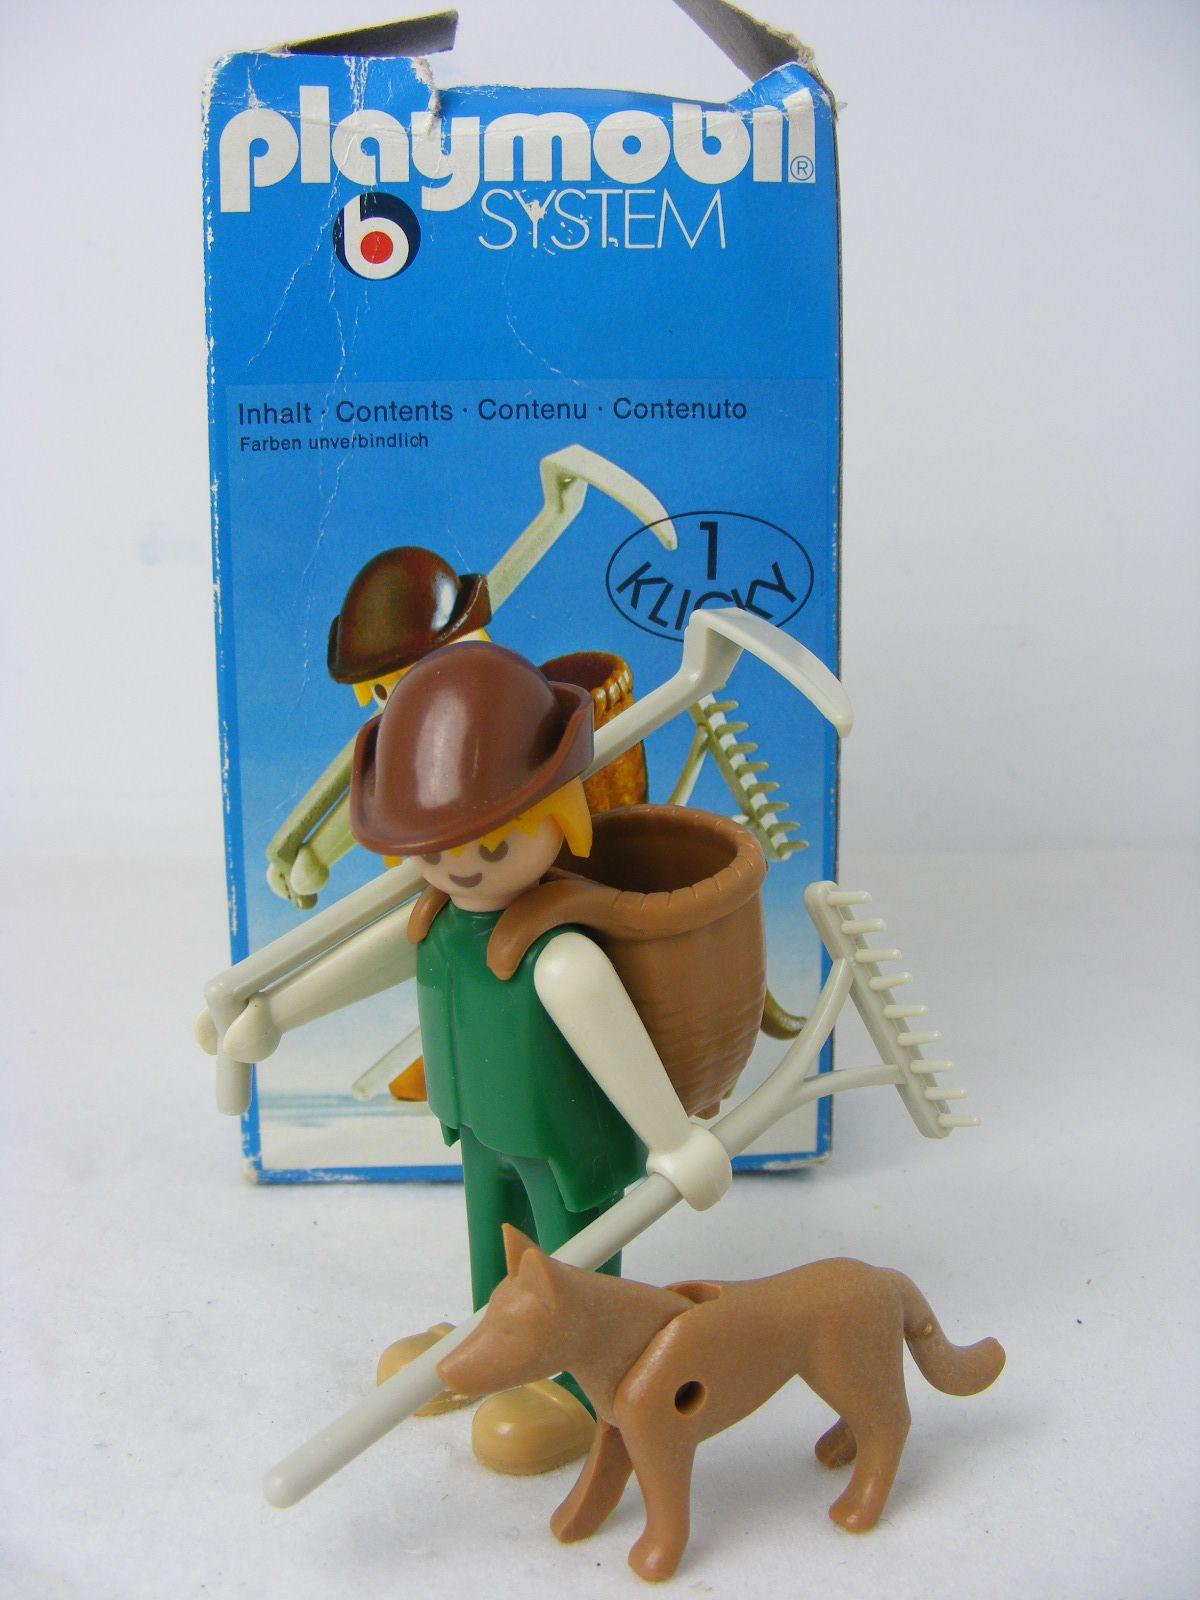 Epingle Par Joao Machado Sur Playmobil Castelos Avec Images